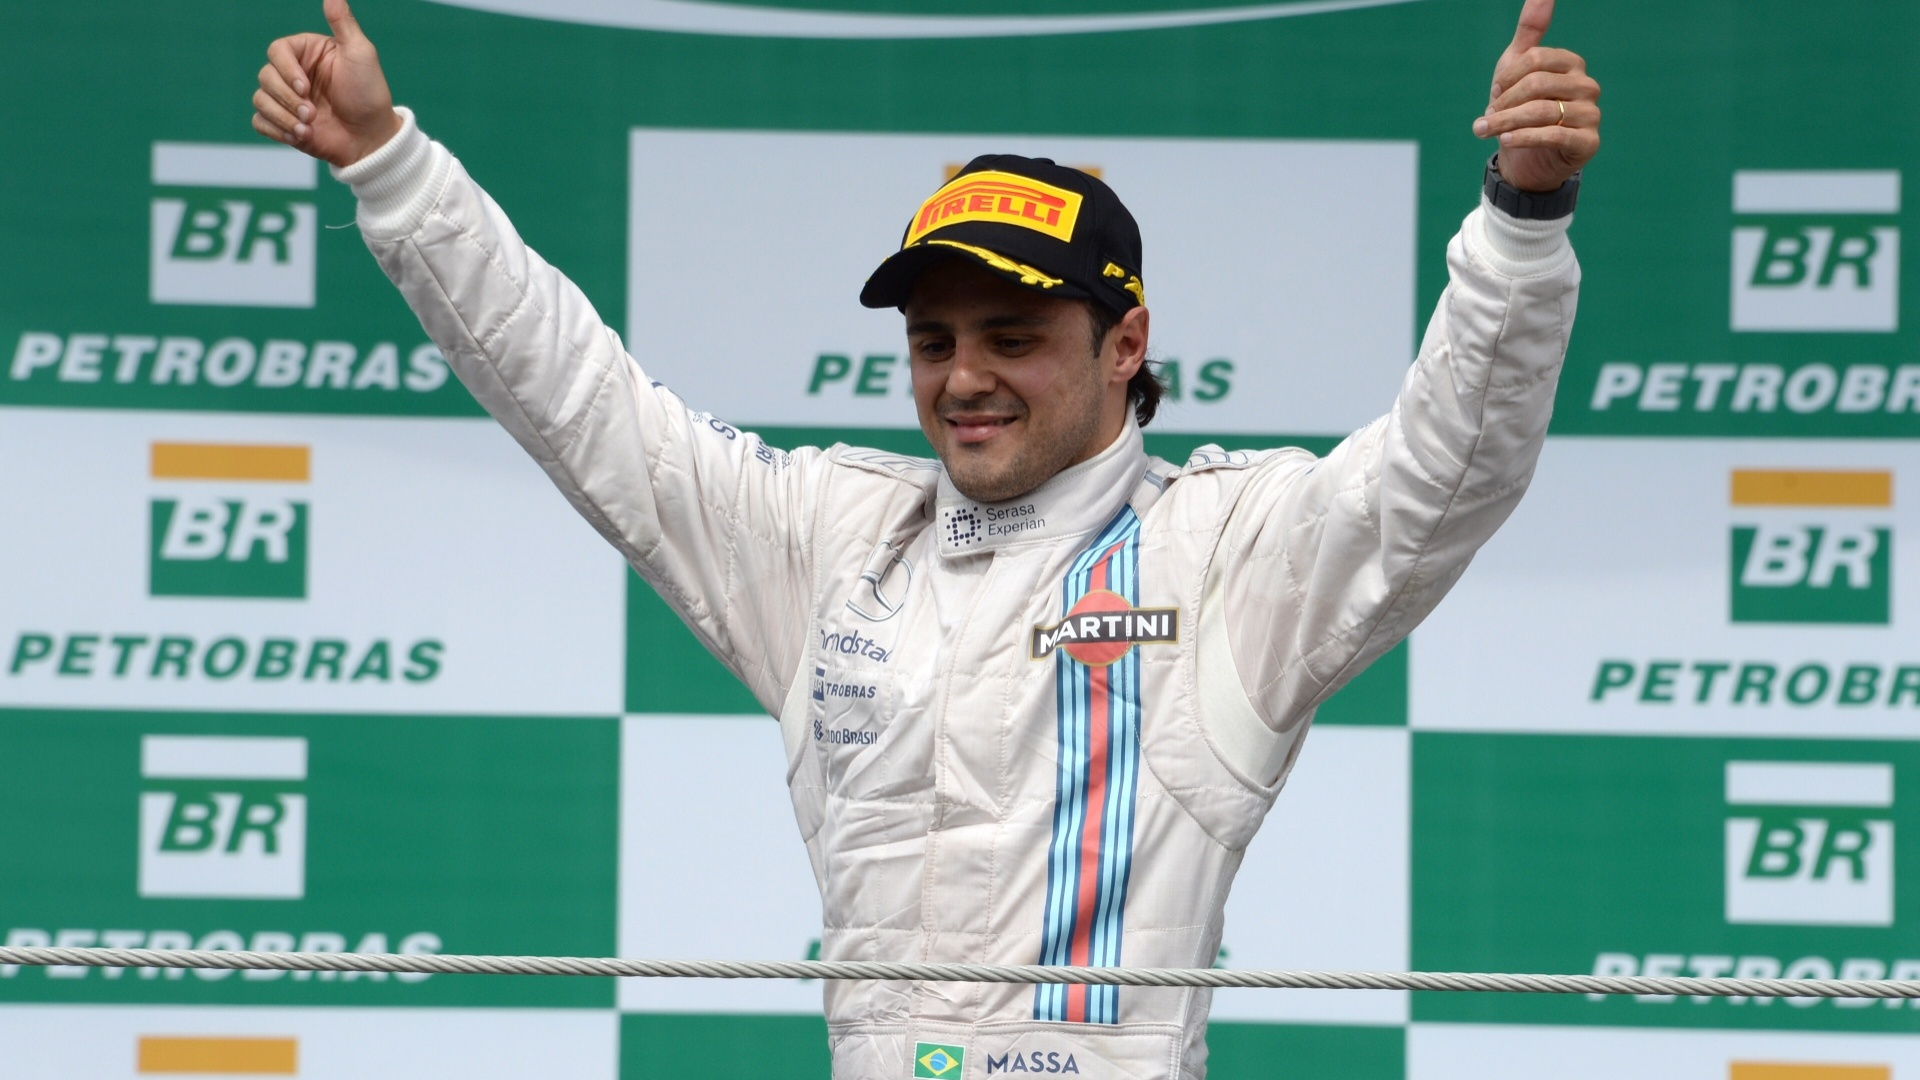 Massa foi ao pódio pela sexta vez em 11 corridas que já disputou em Interlagos